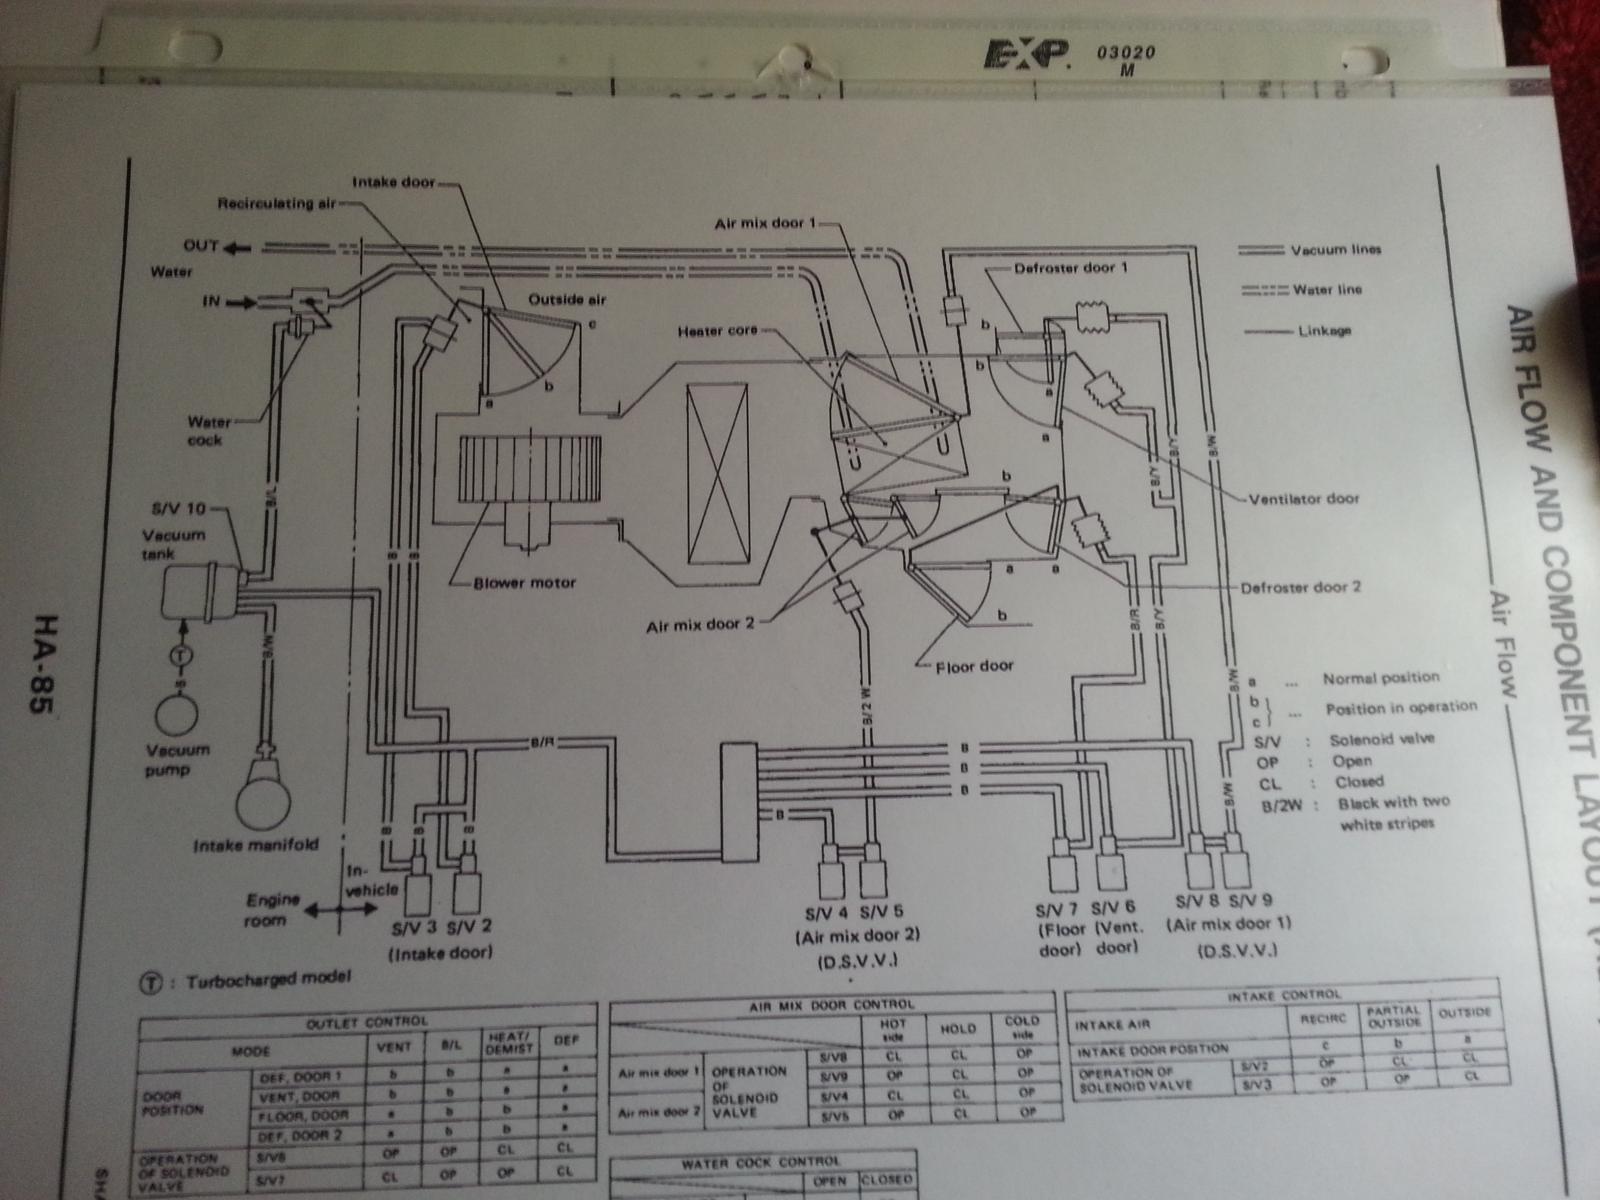 1986 Nissan D21 Wiring Diagram 1986 Nissan 300zx Engine Wiring Diagram